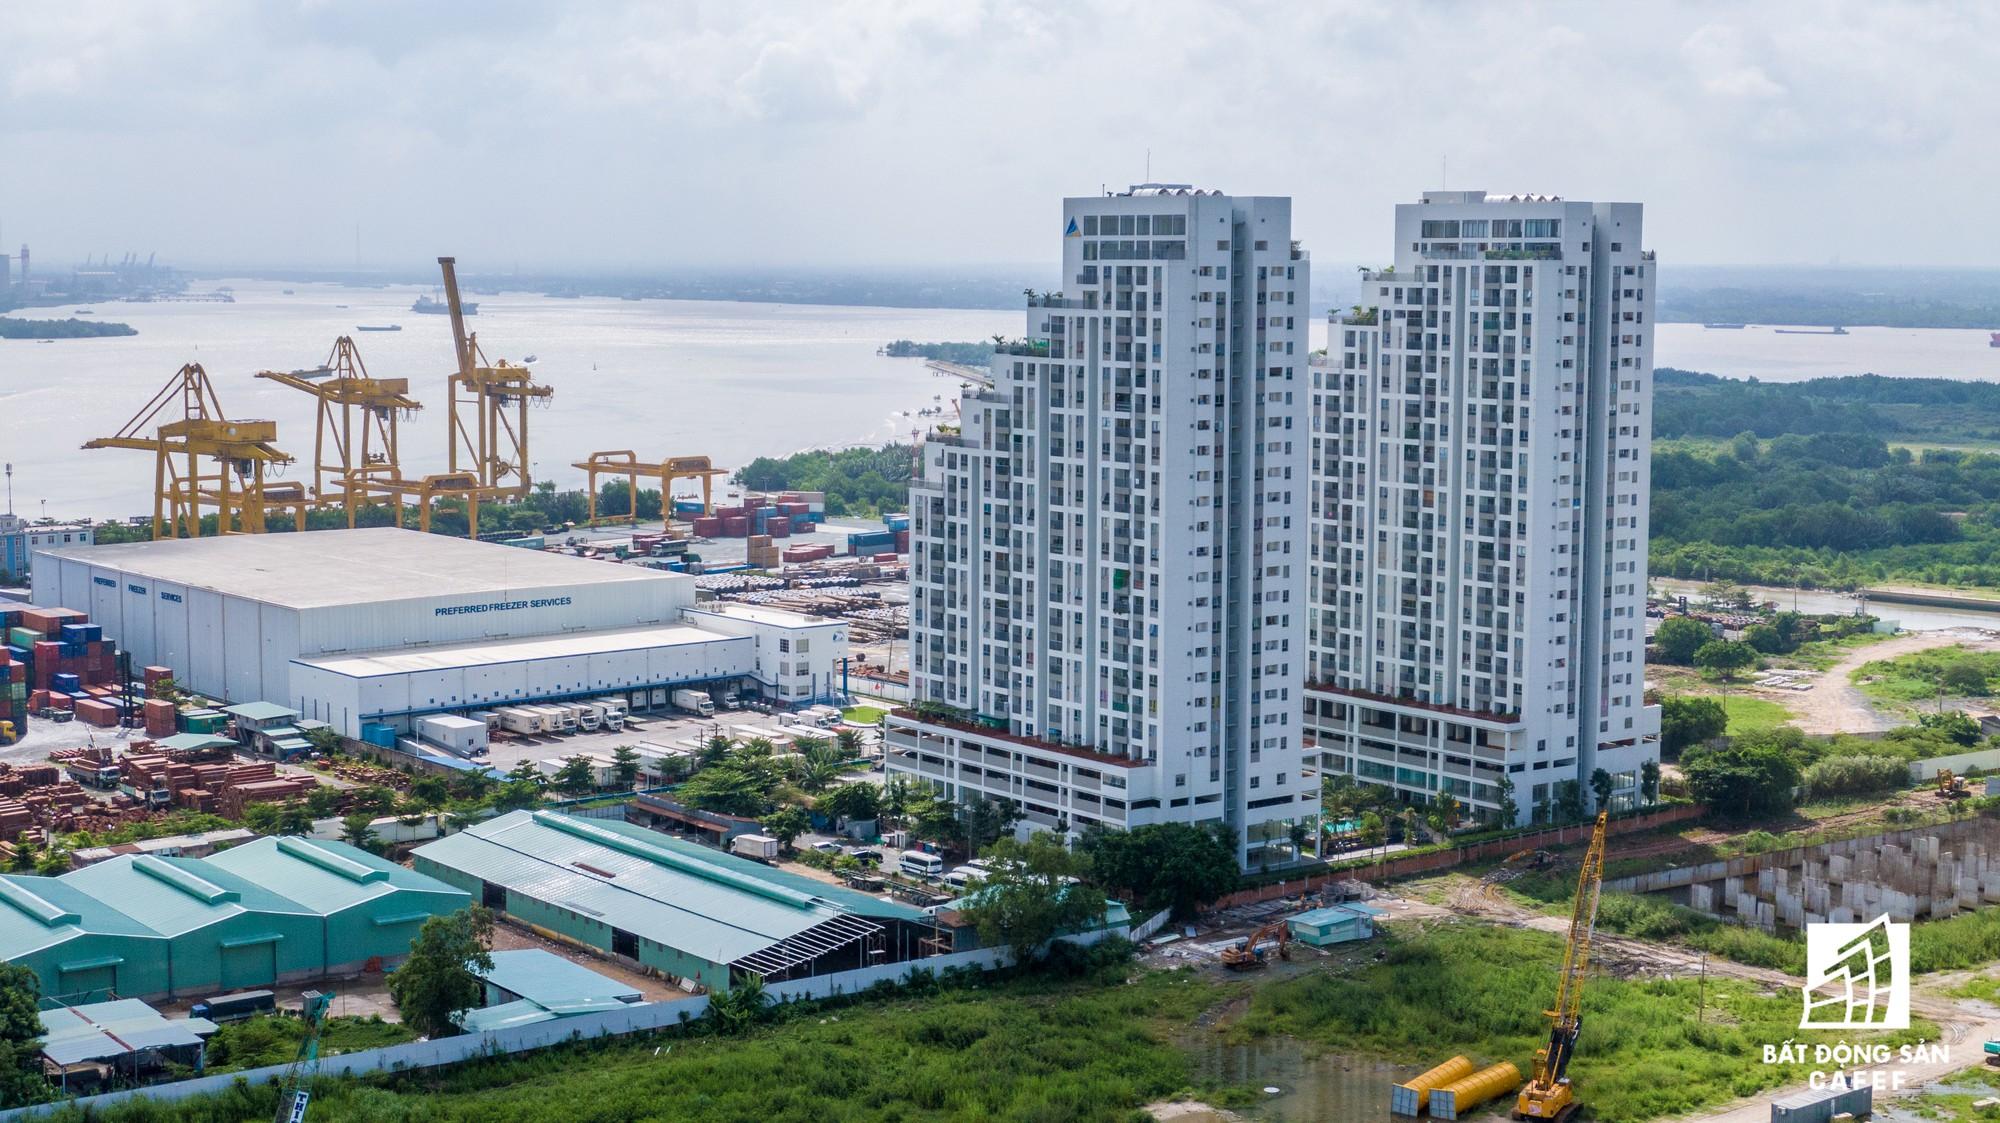 Diện mạo hai bờ sông Sài Gòn tương lai nhìn từ loạt siêu dự án tỷ đô, khu vực trung tâm giá nhà lên hơn 1 tỷ đồng/m2 - Ảnh 8.